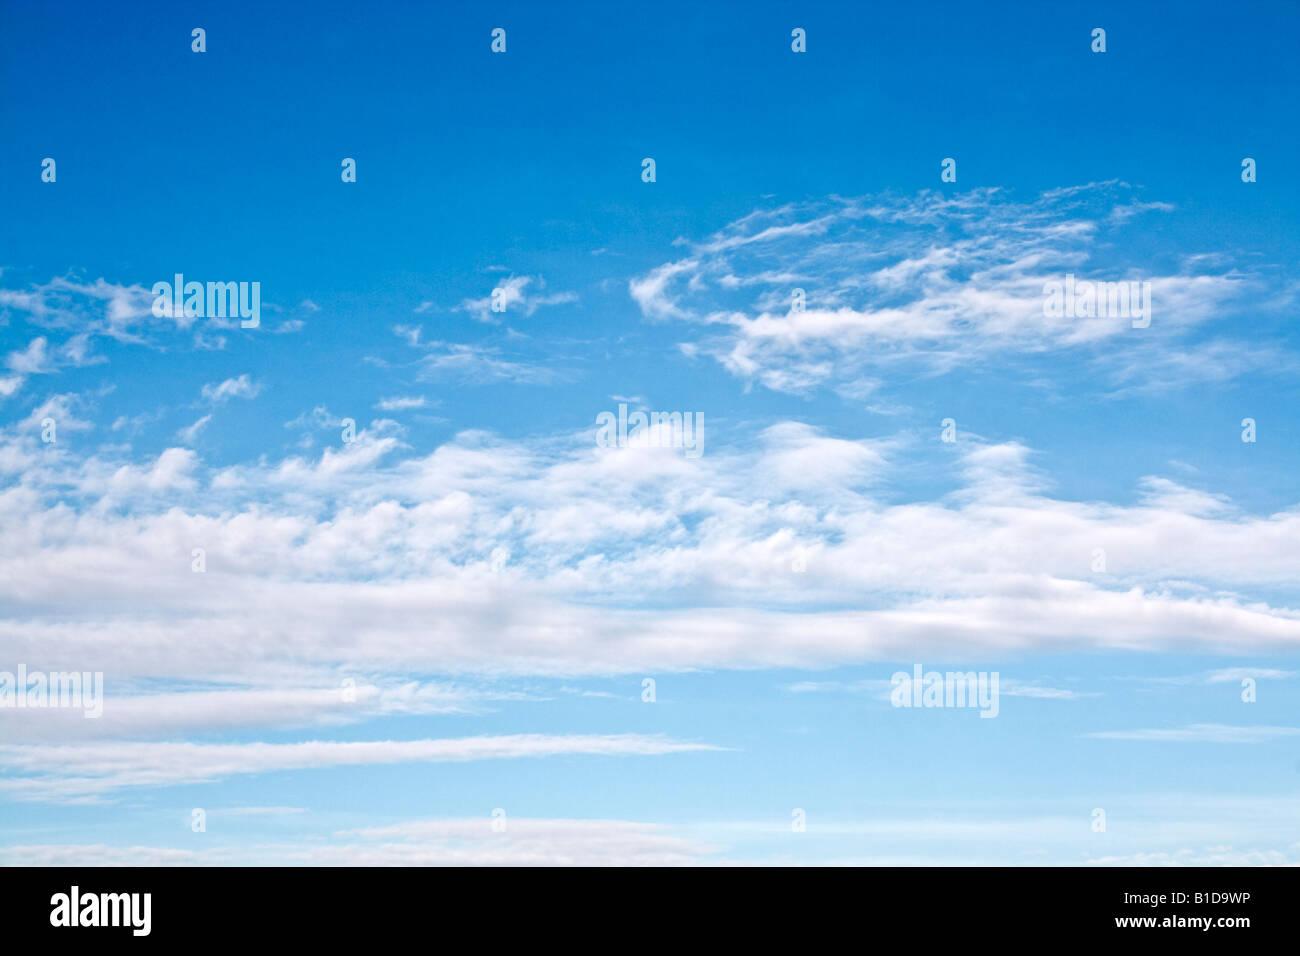 wunderschöne, azurblauer Himmel Stockfoto